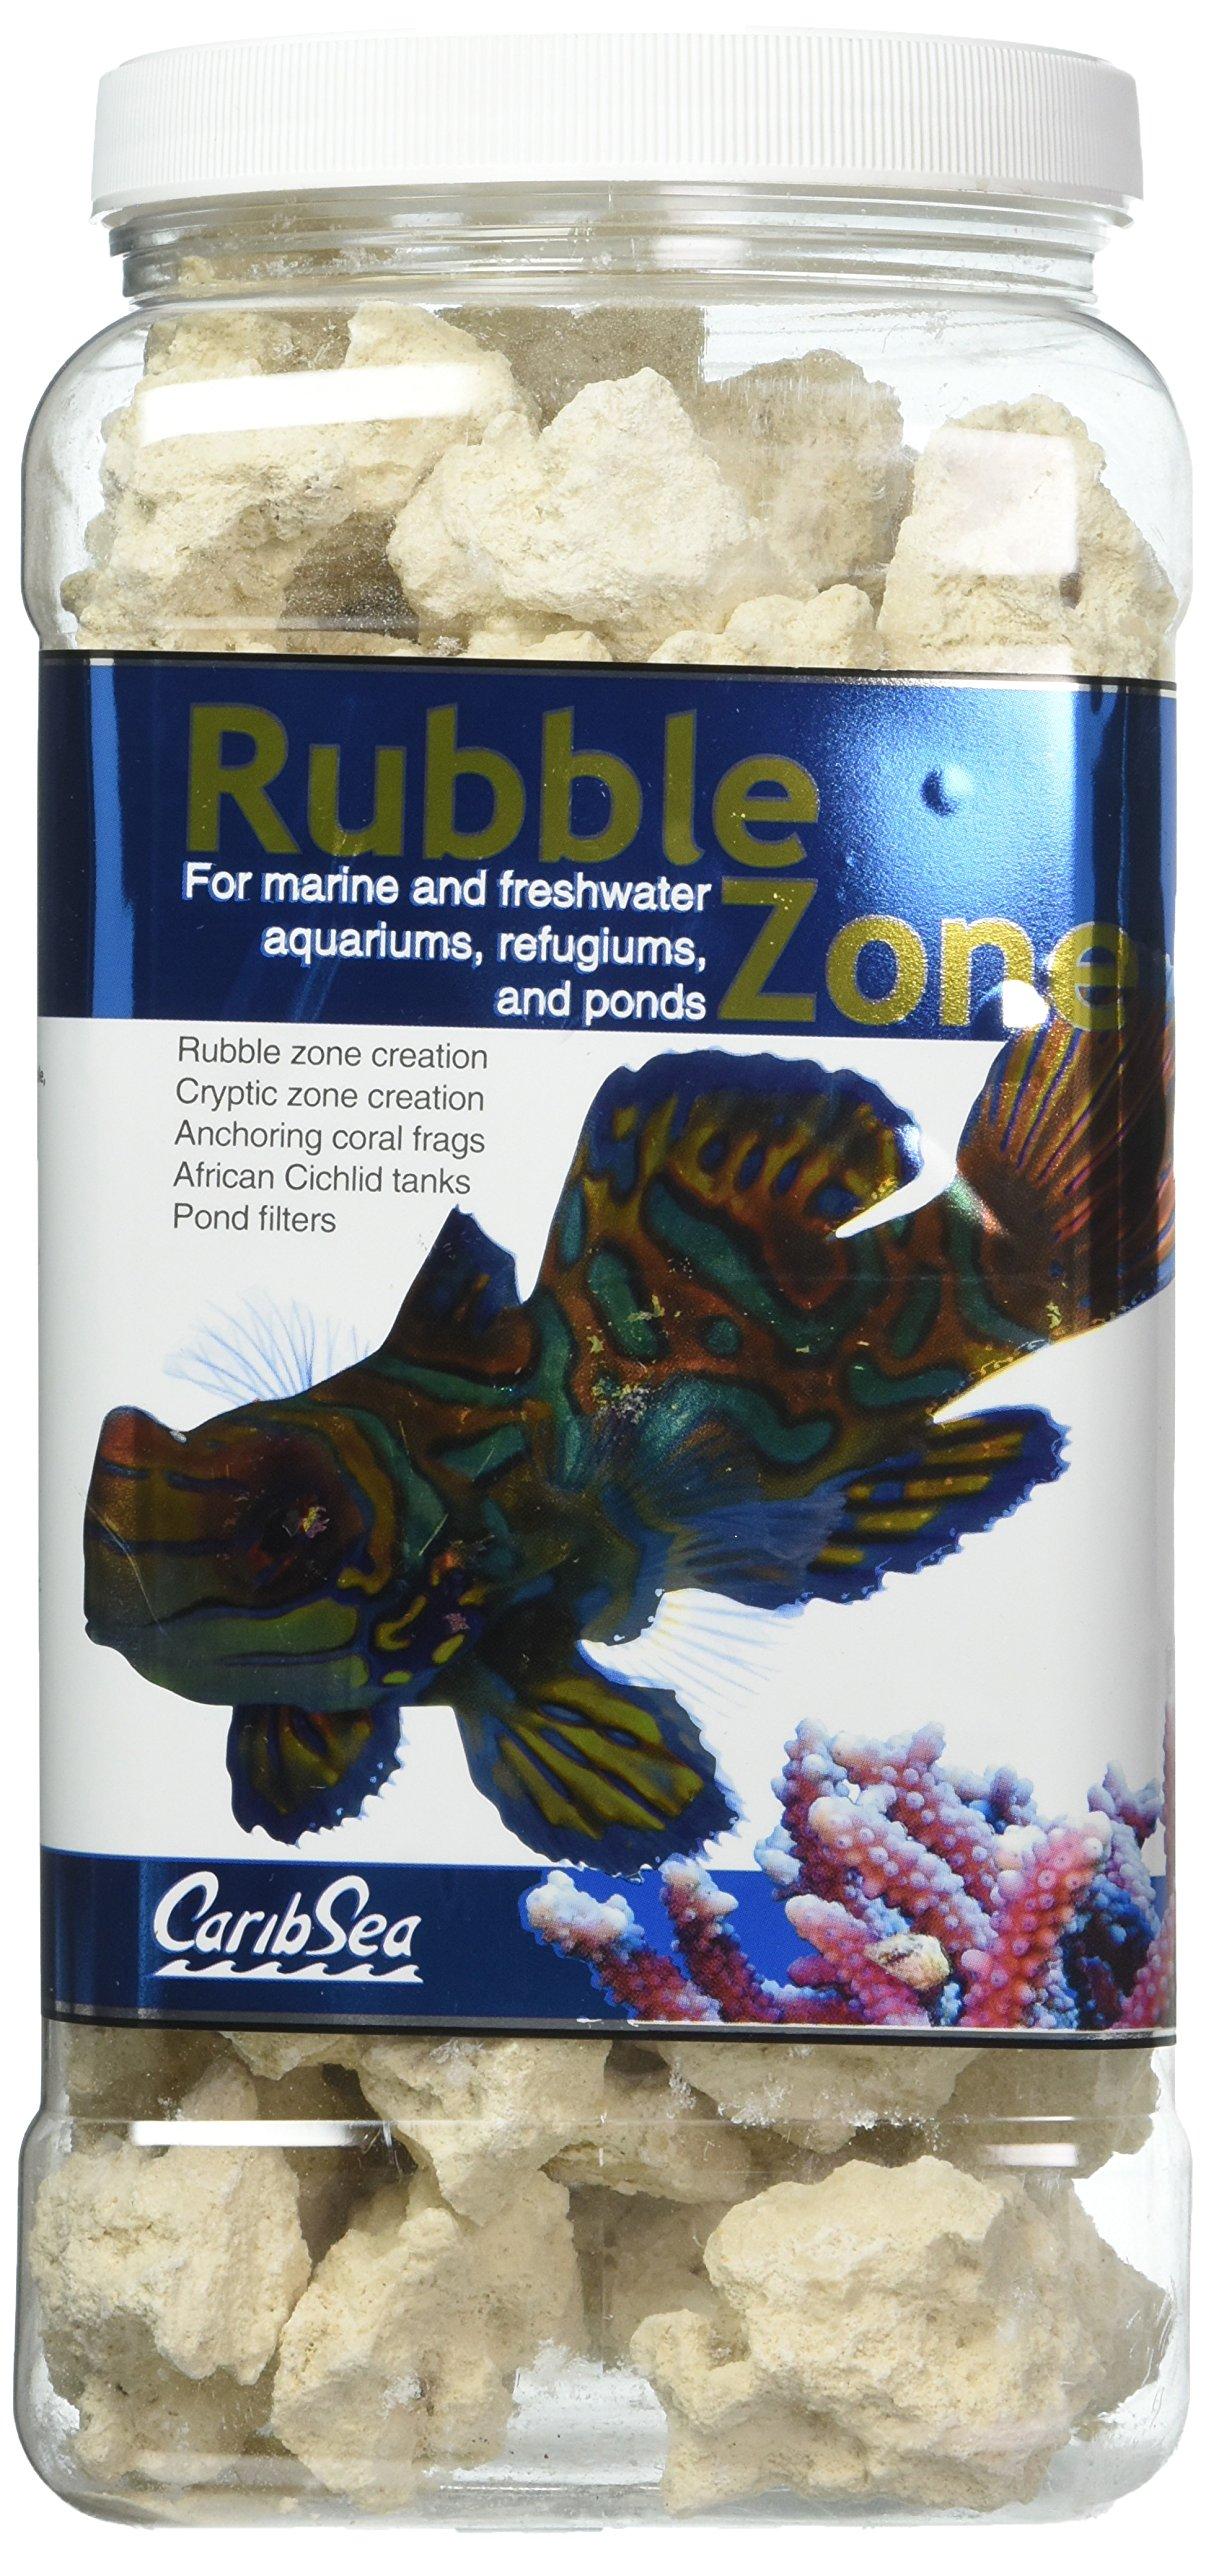 Carib Sea Aquatics Rubble Zone, 6 lb/1 Gallon by Carib Sea